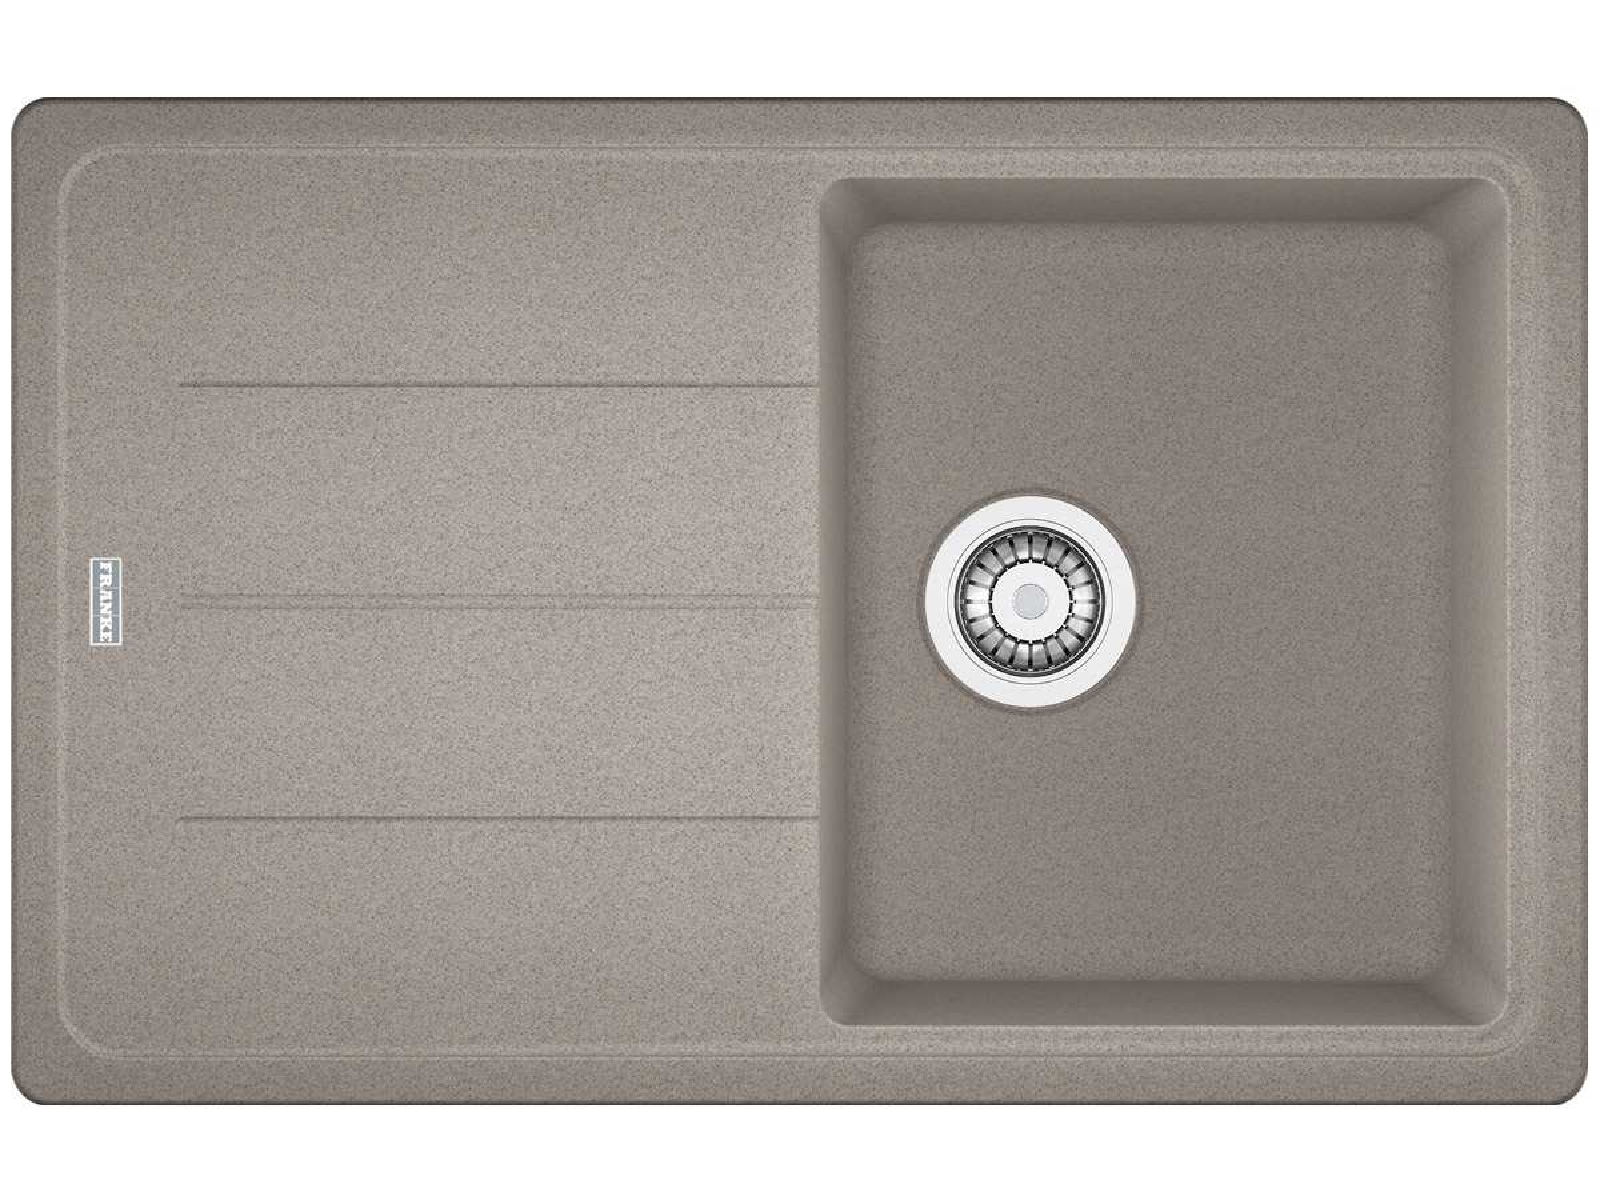 franke basis bfg 611 cashmere granit sp le f r 139 90 eur. Black Bedroom Furniture Sets. Home Design Ideas